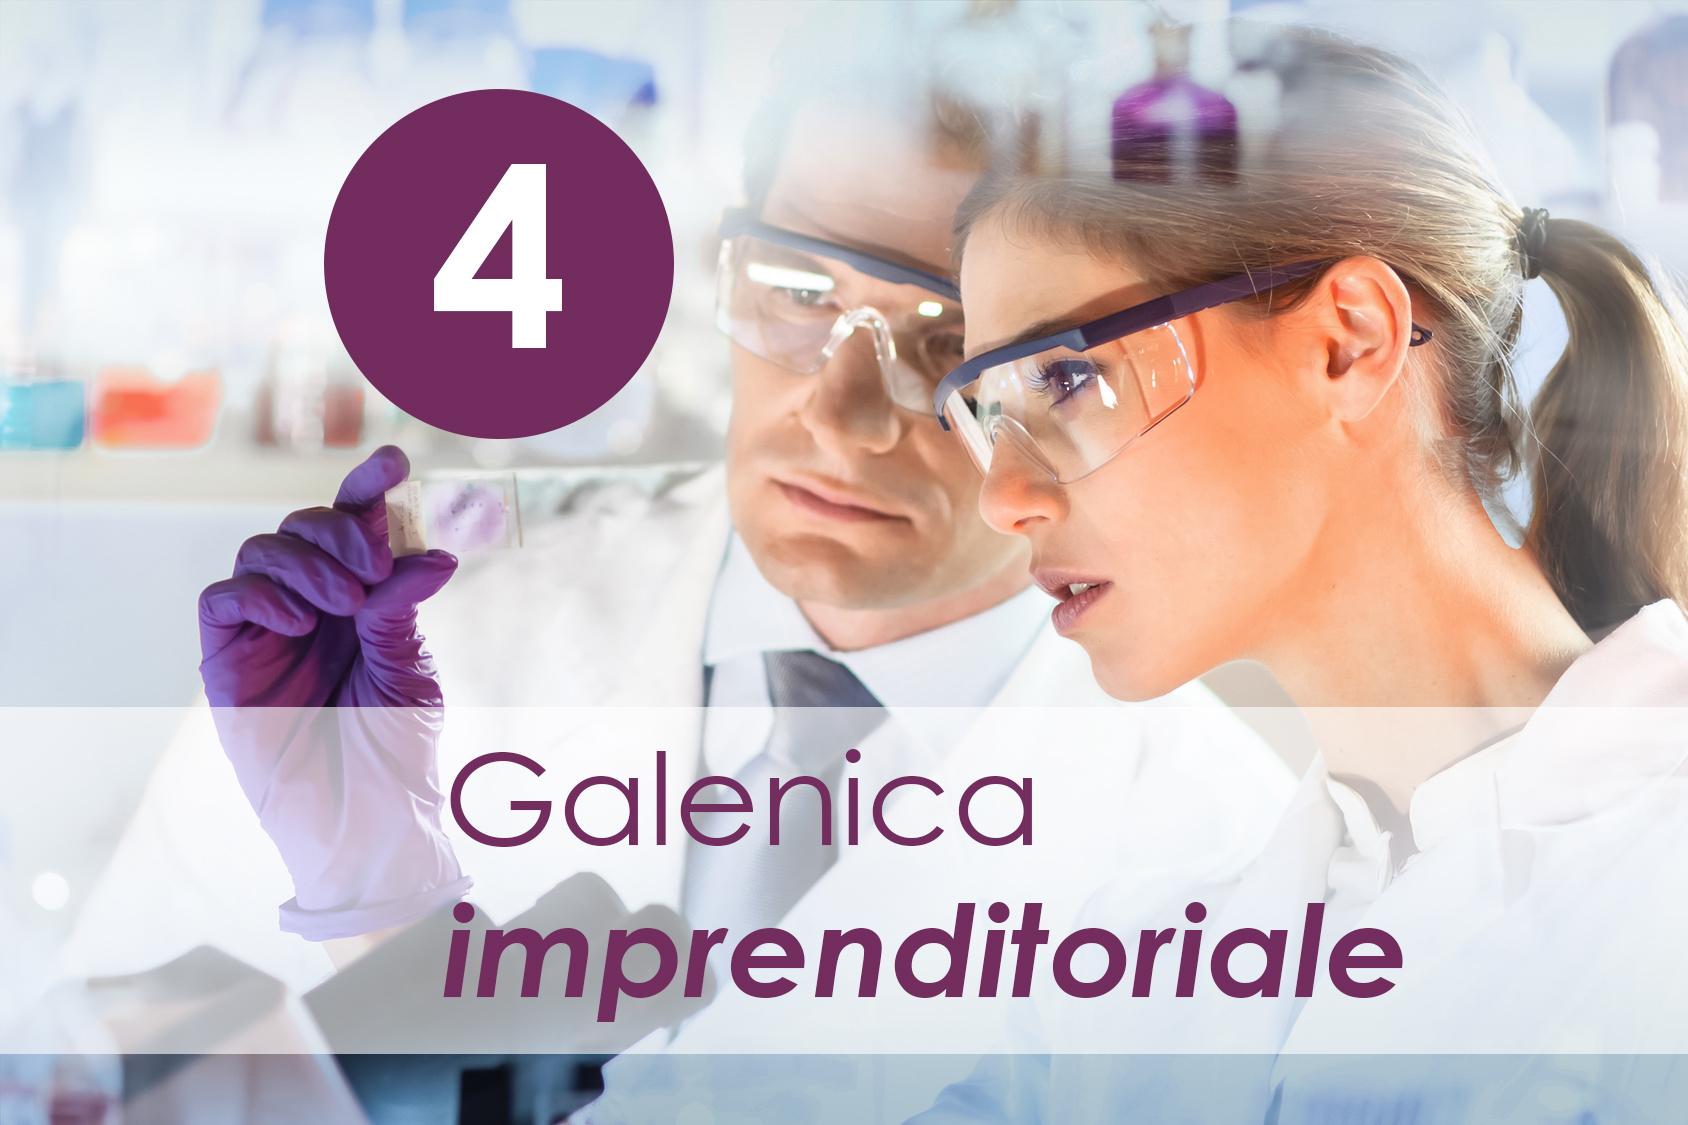 galenica imprenditoriale - clienti del laboratorio galenico